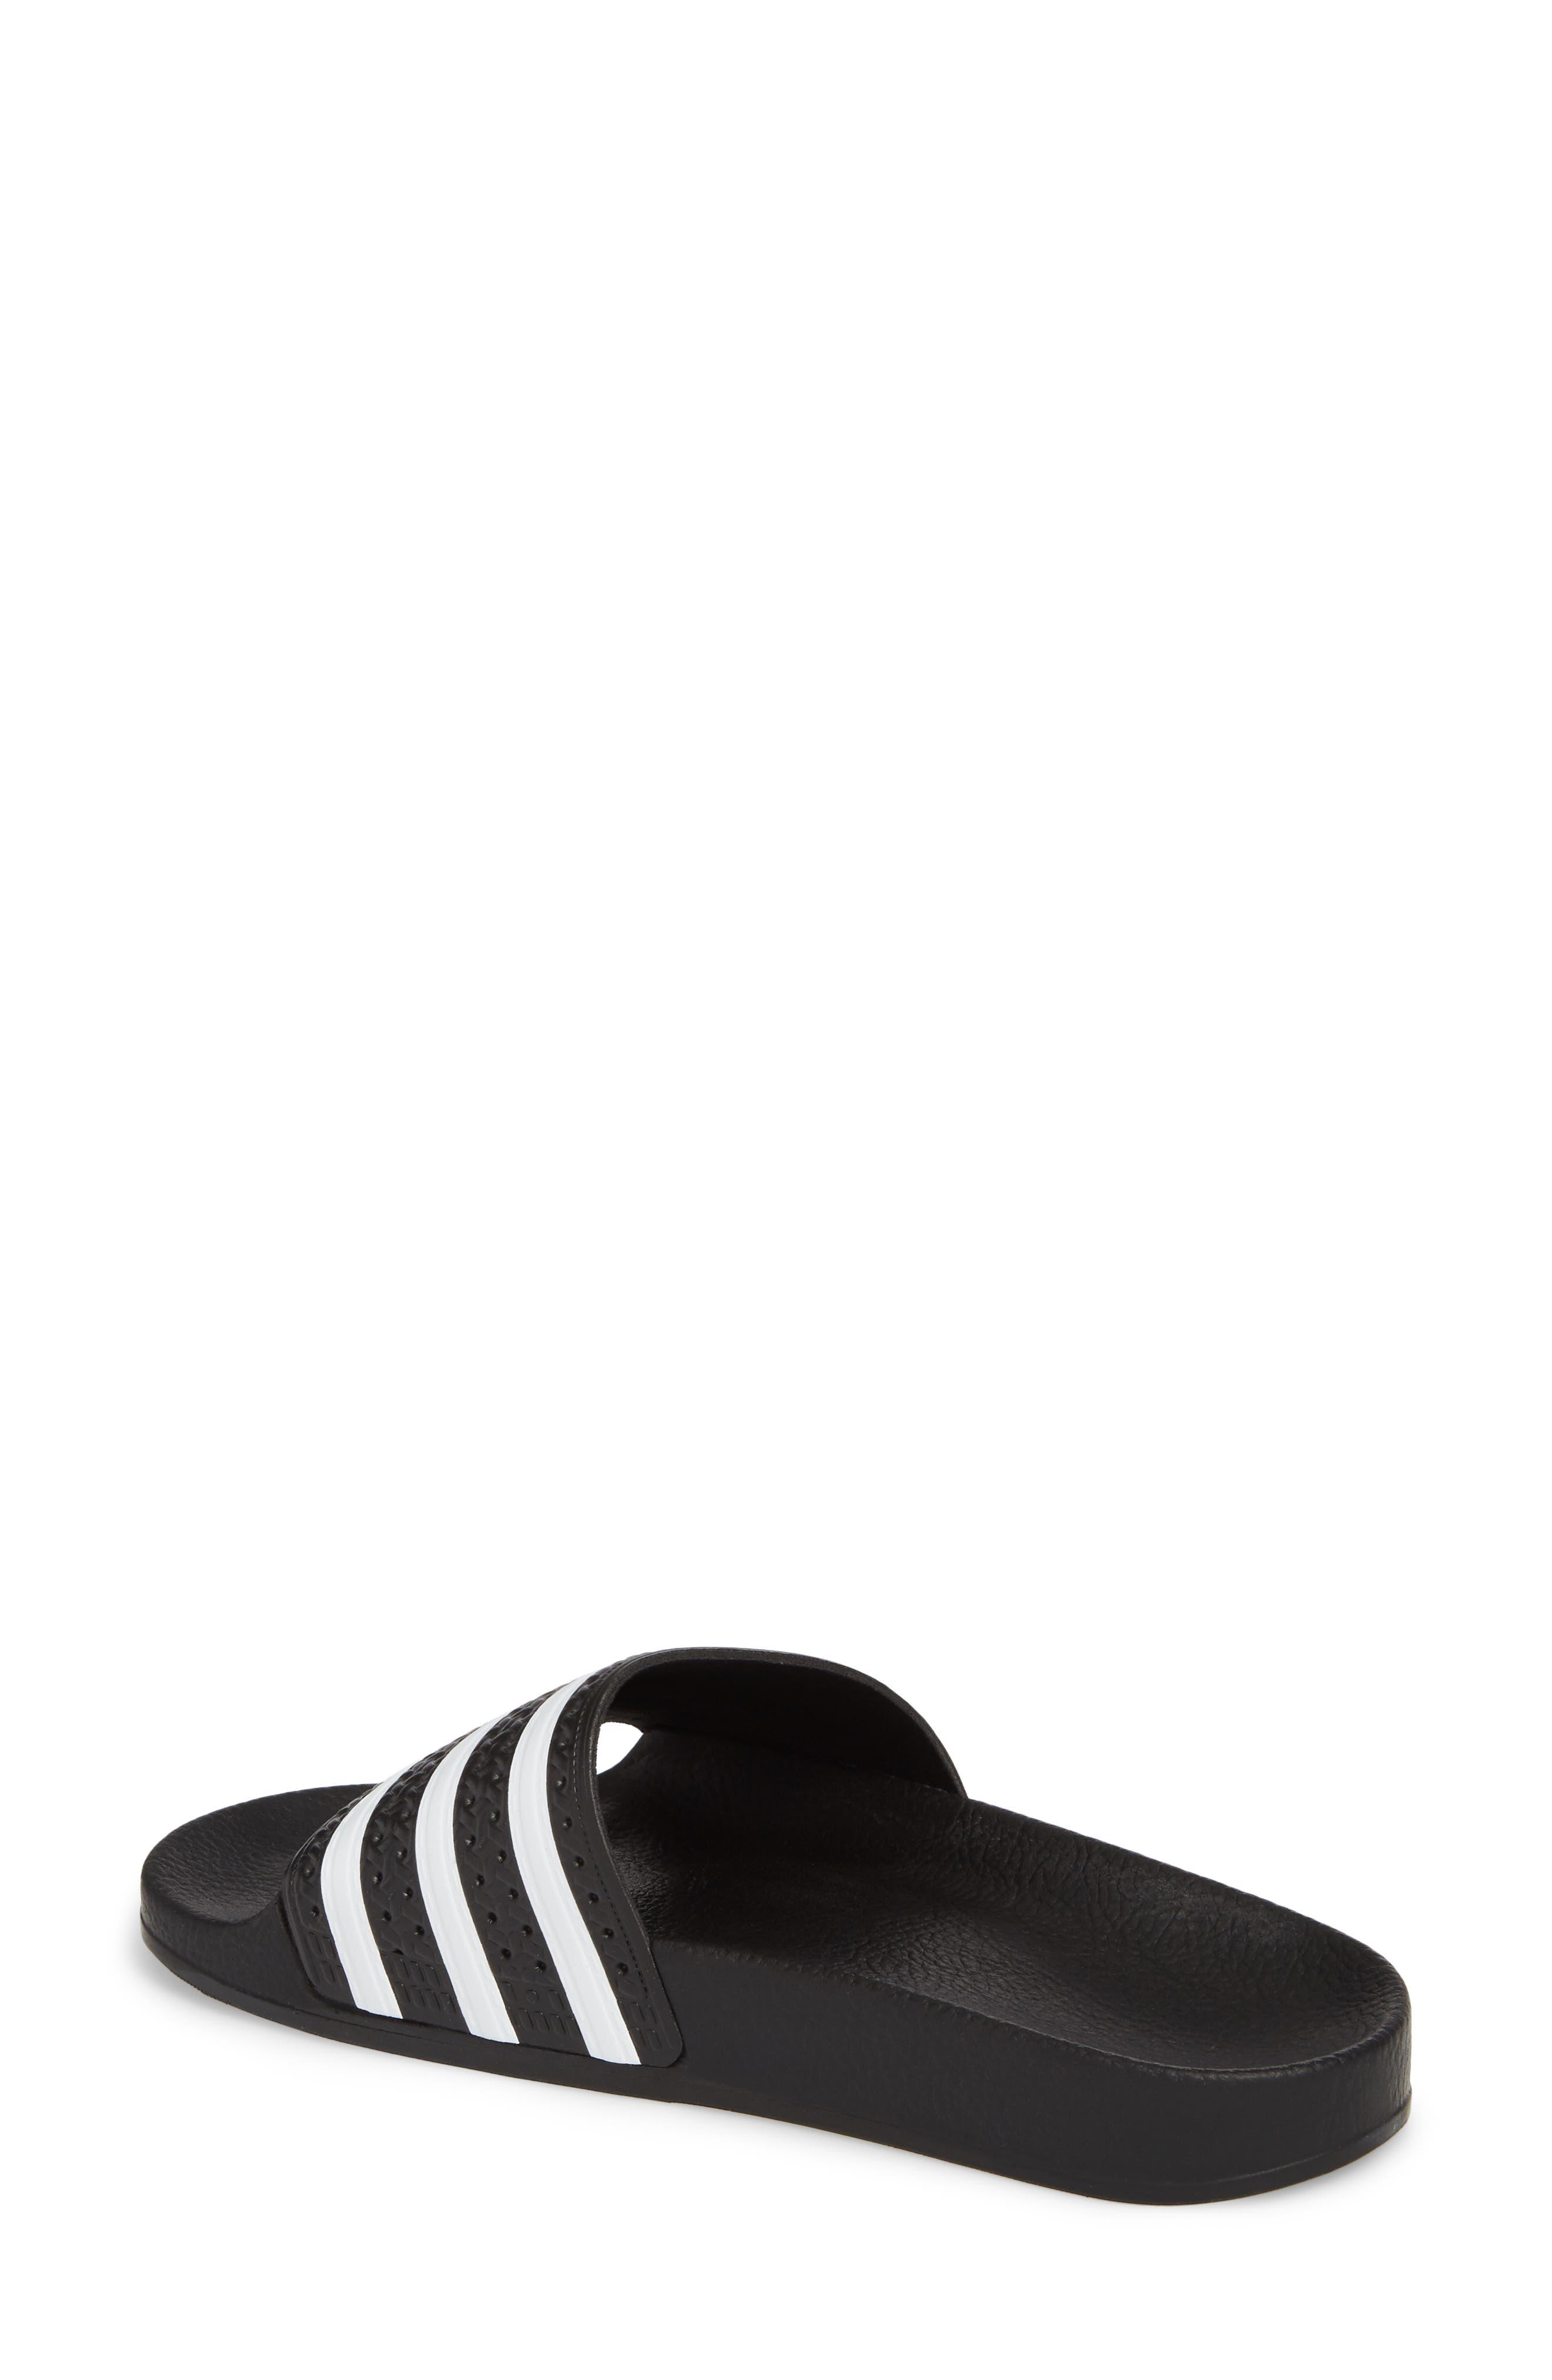 'Adilette' Slide Sandal,                             Alternate thumbnail 2, color,                             CORE BLACK/ WHITE/ CORE BLACK